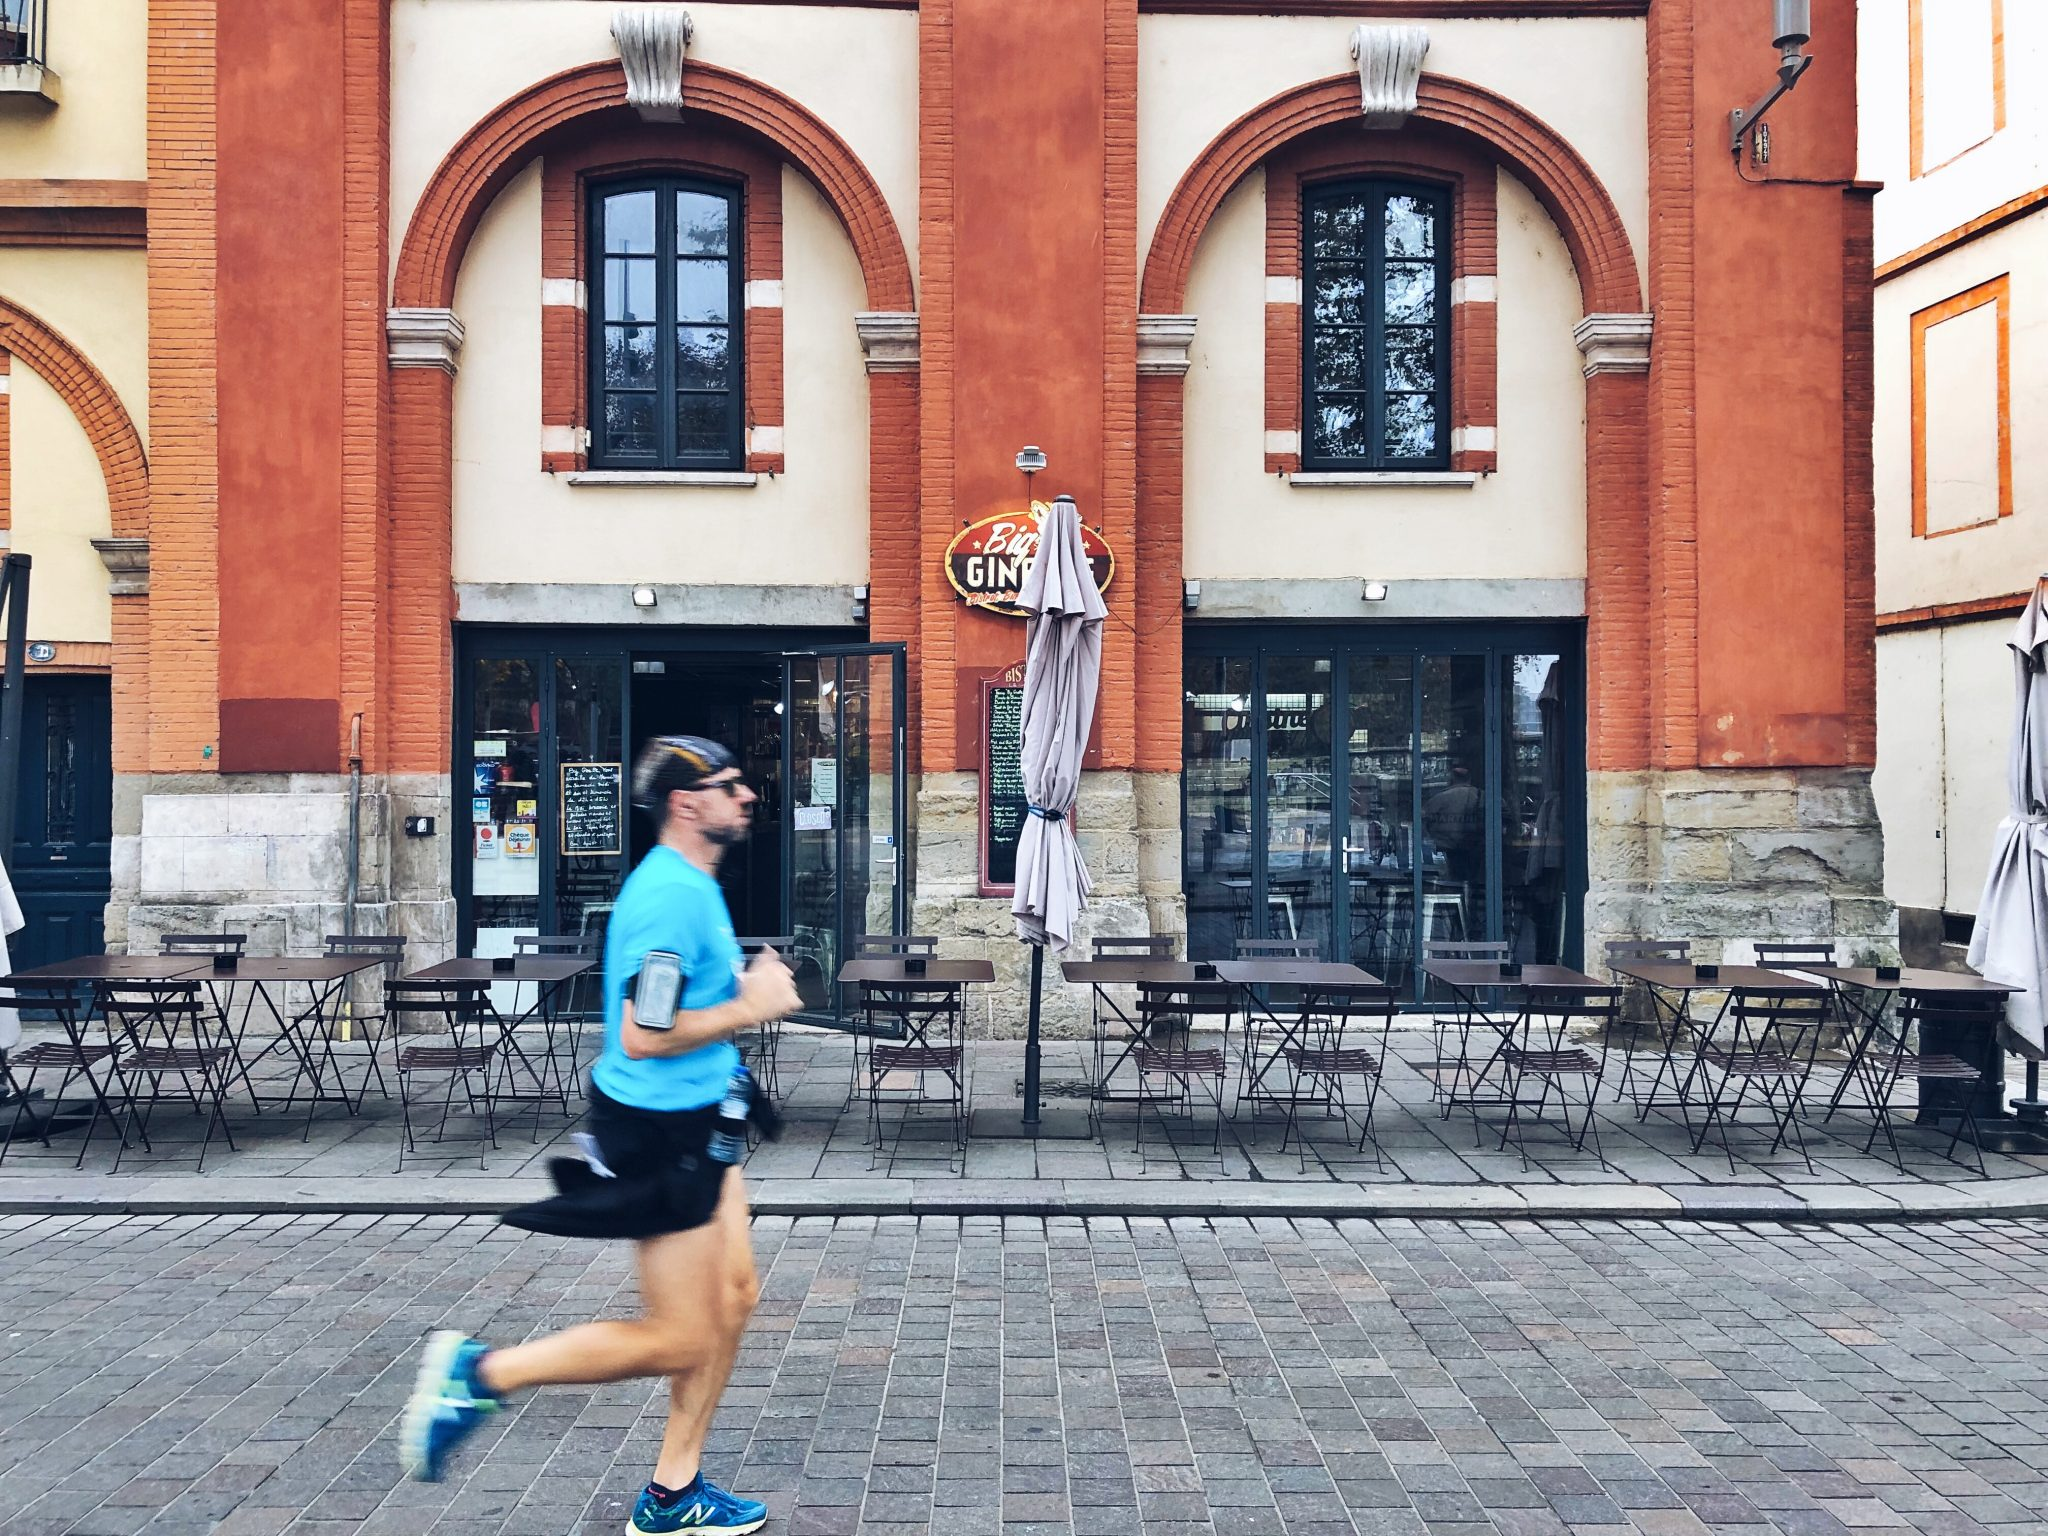 Uomo che corre alla Maratona di Tolosa - Tolosa: 3 modi per visitarla - tatianaberlaffa.com